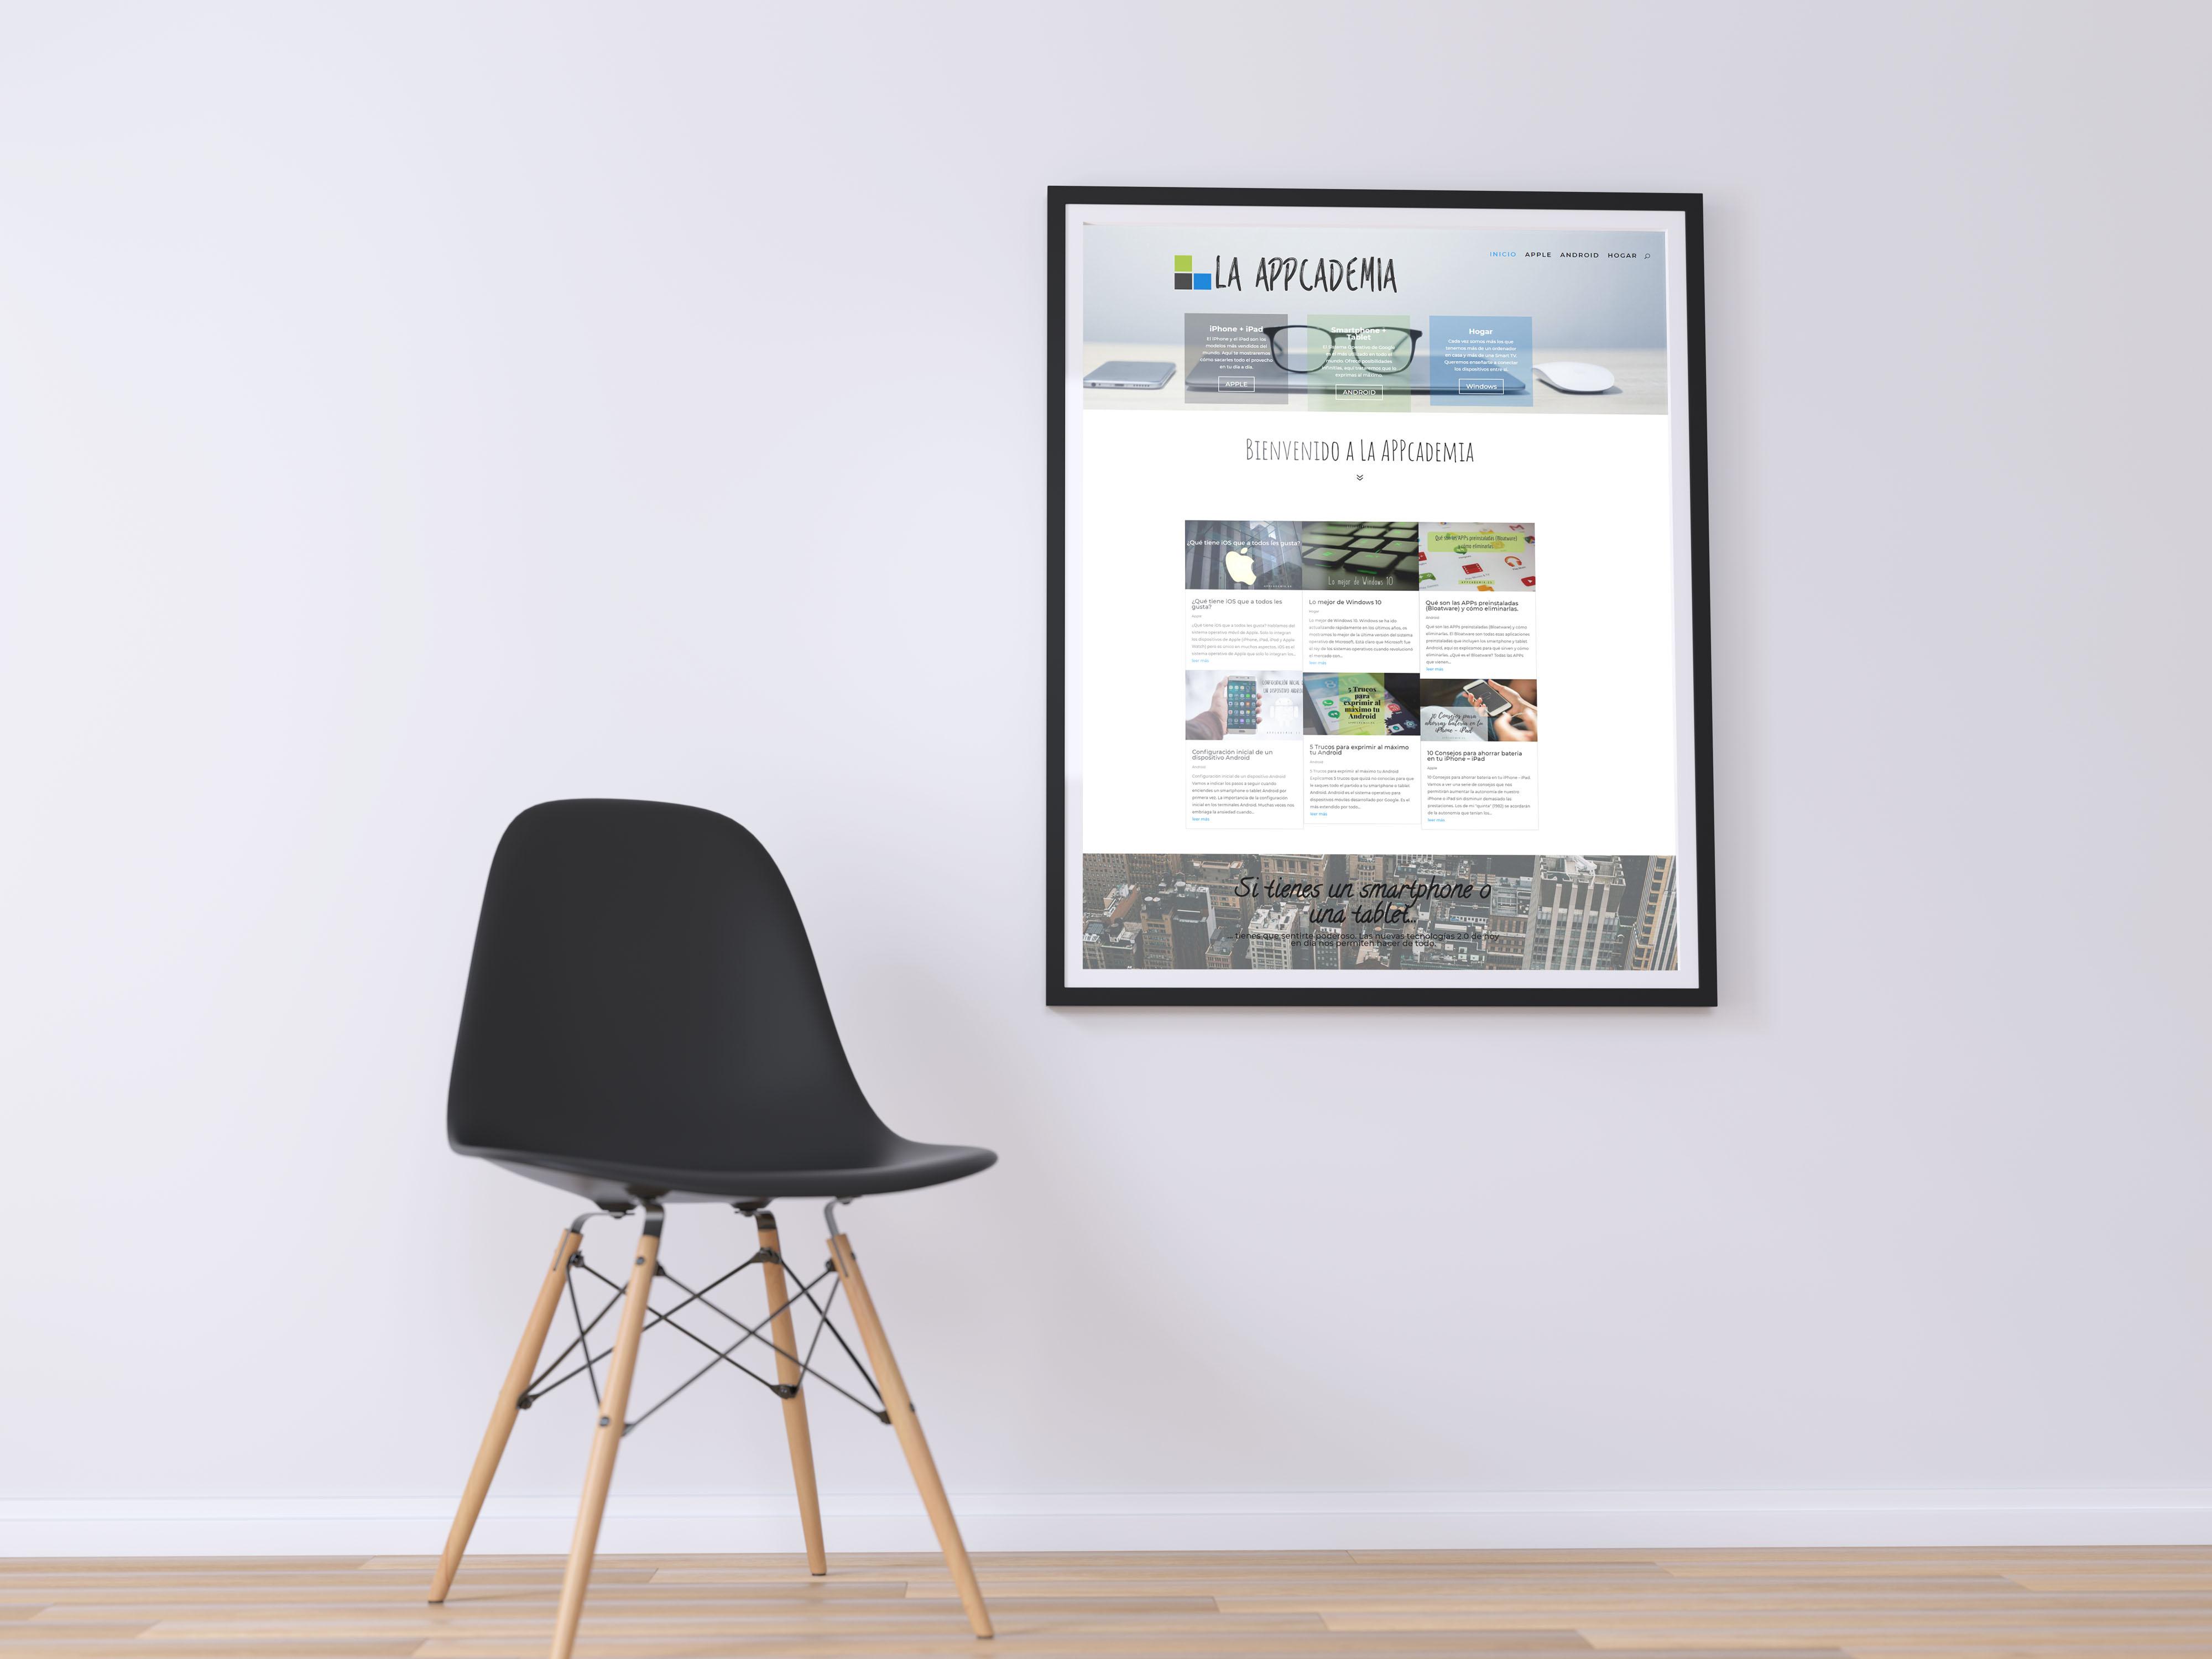 poster appcademia diseño web seik